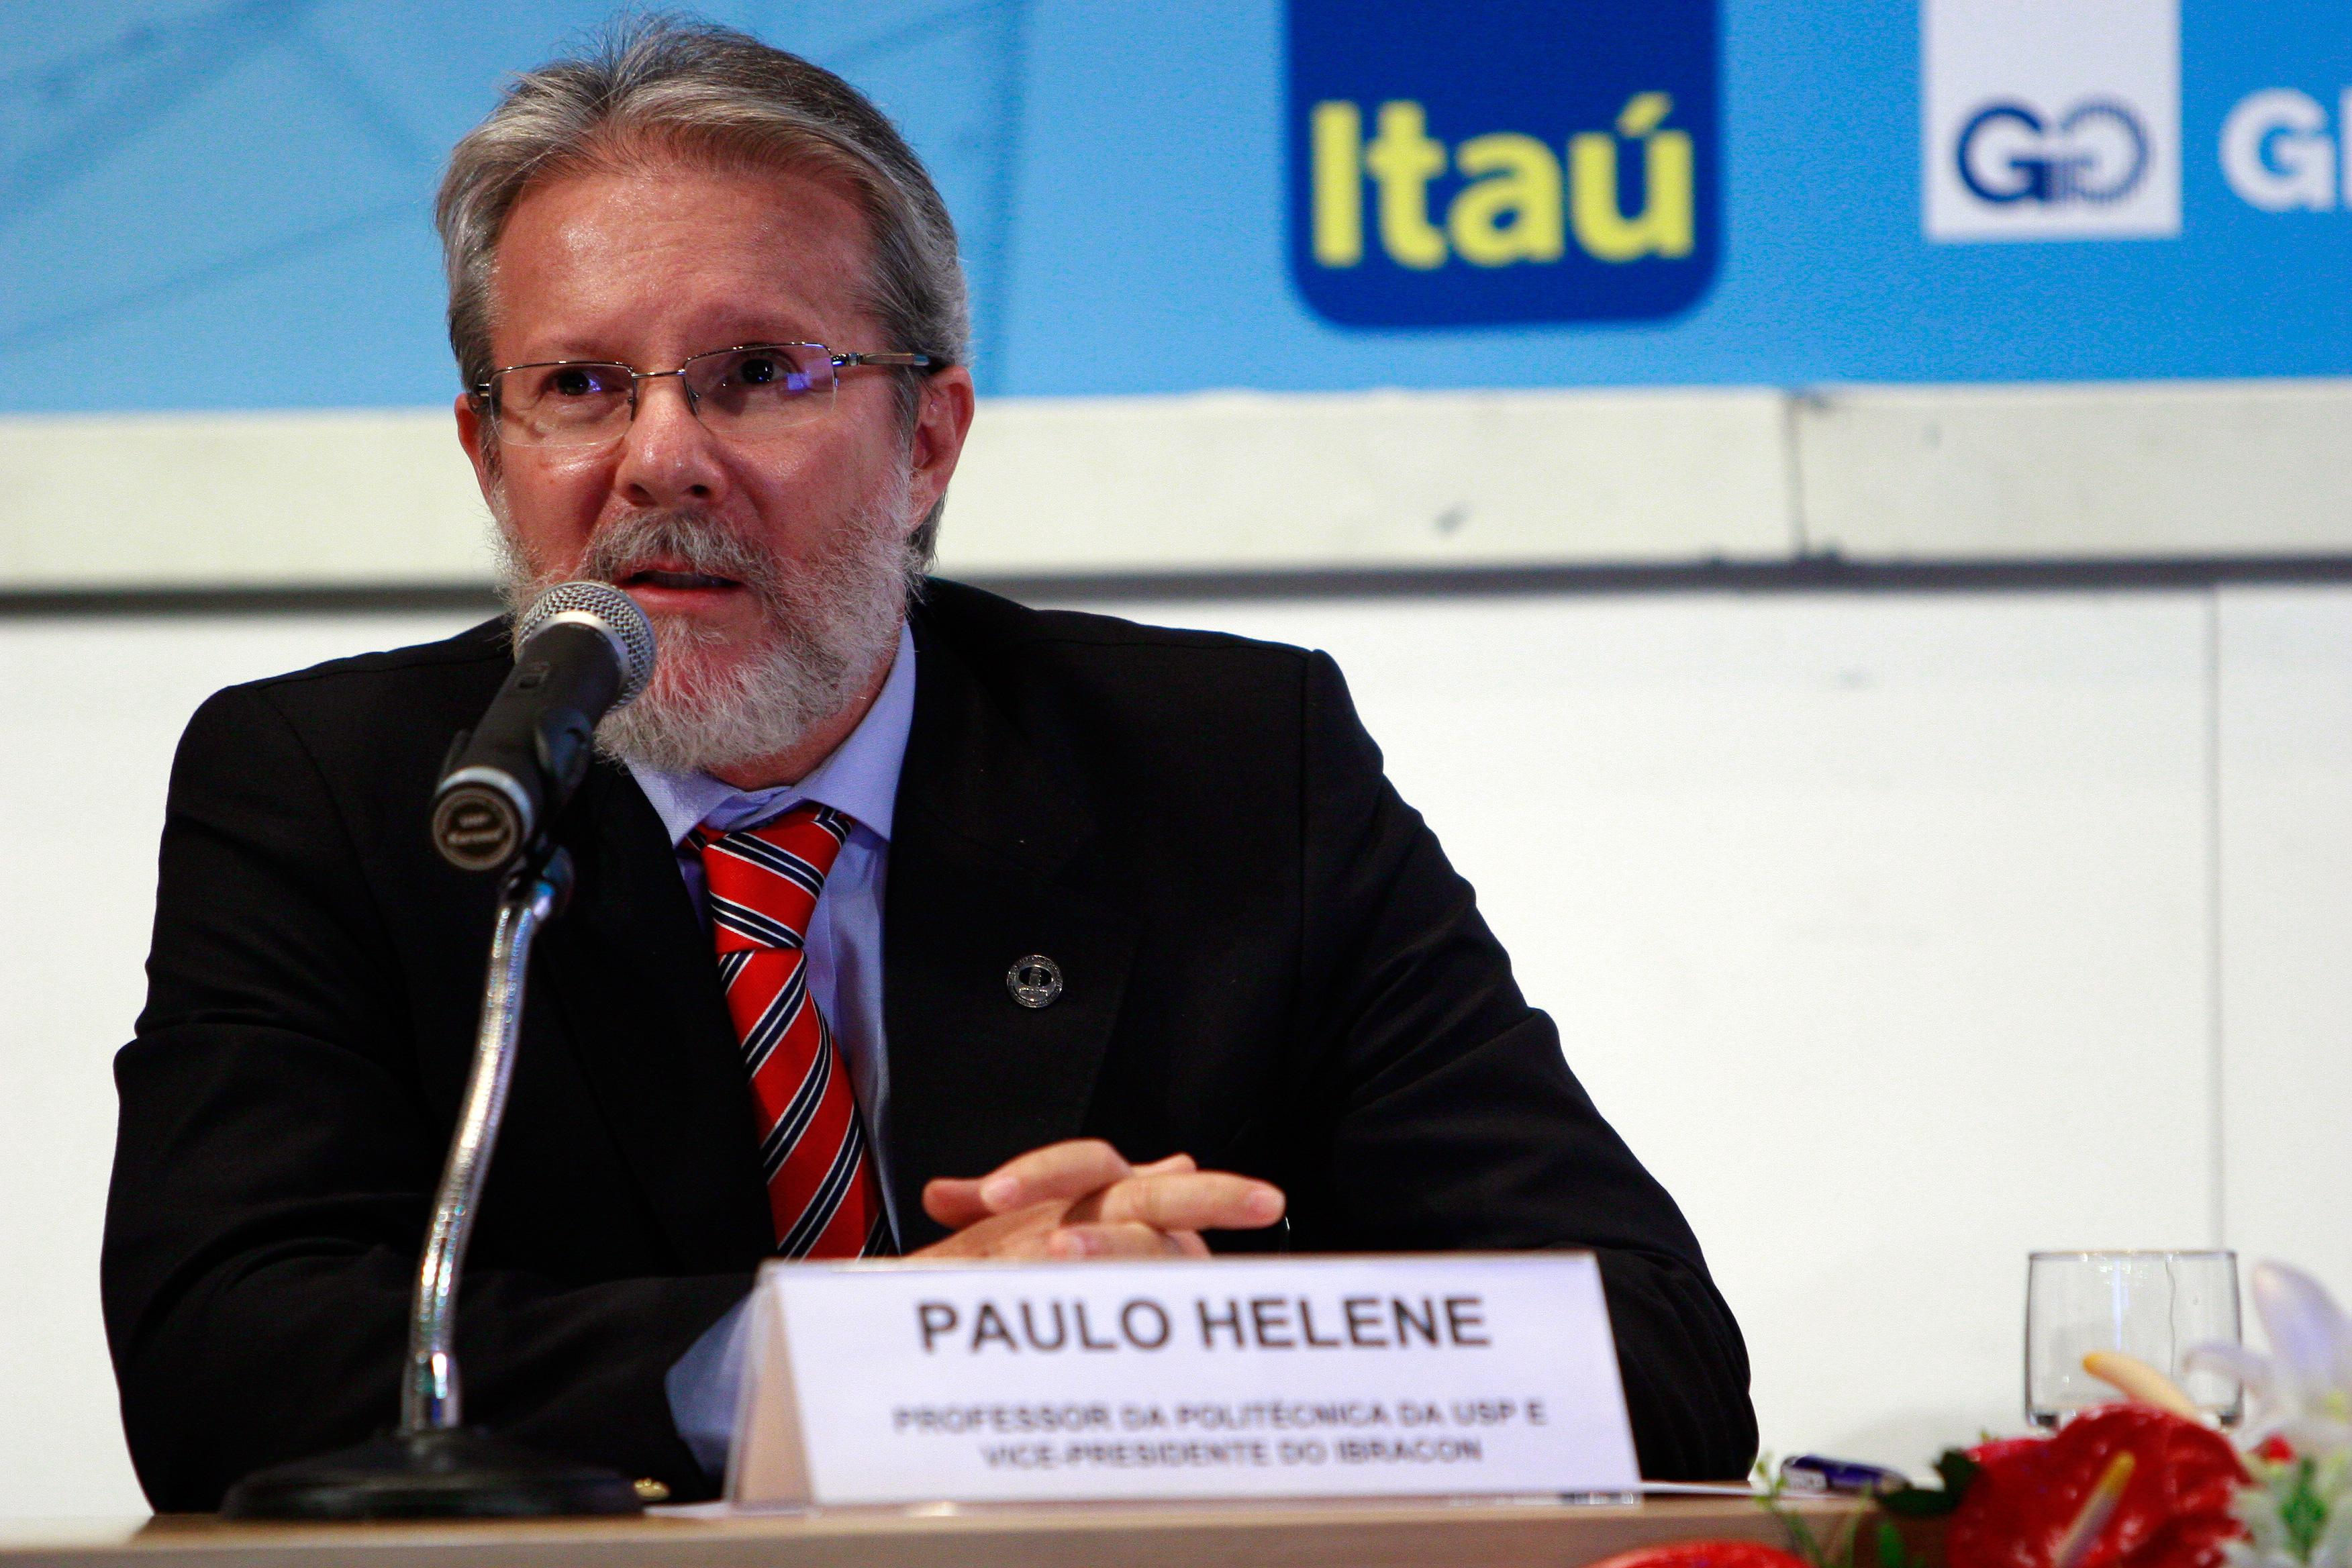 Paulo-Helene